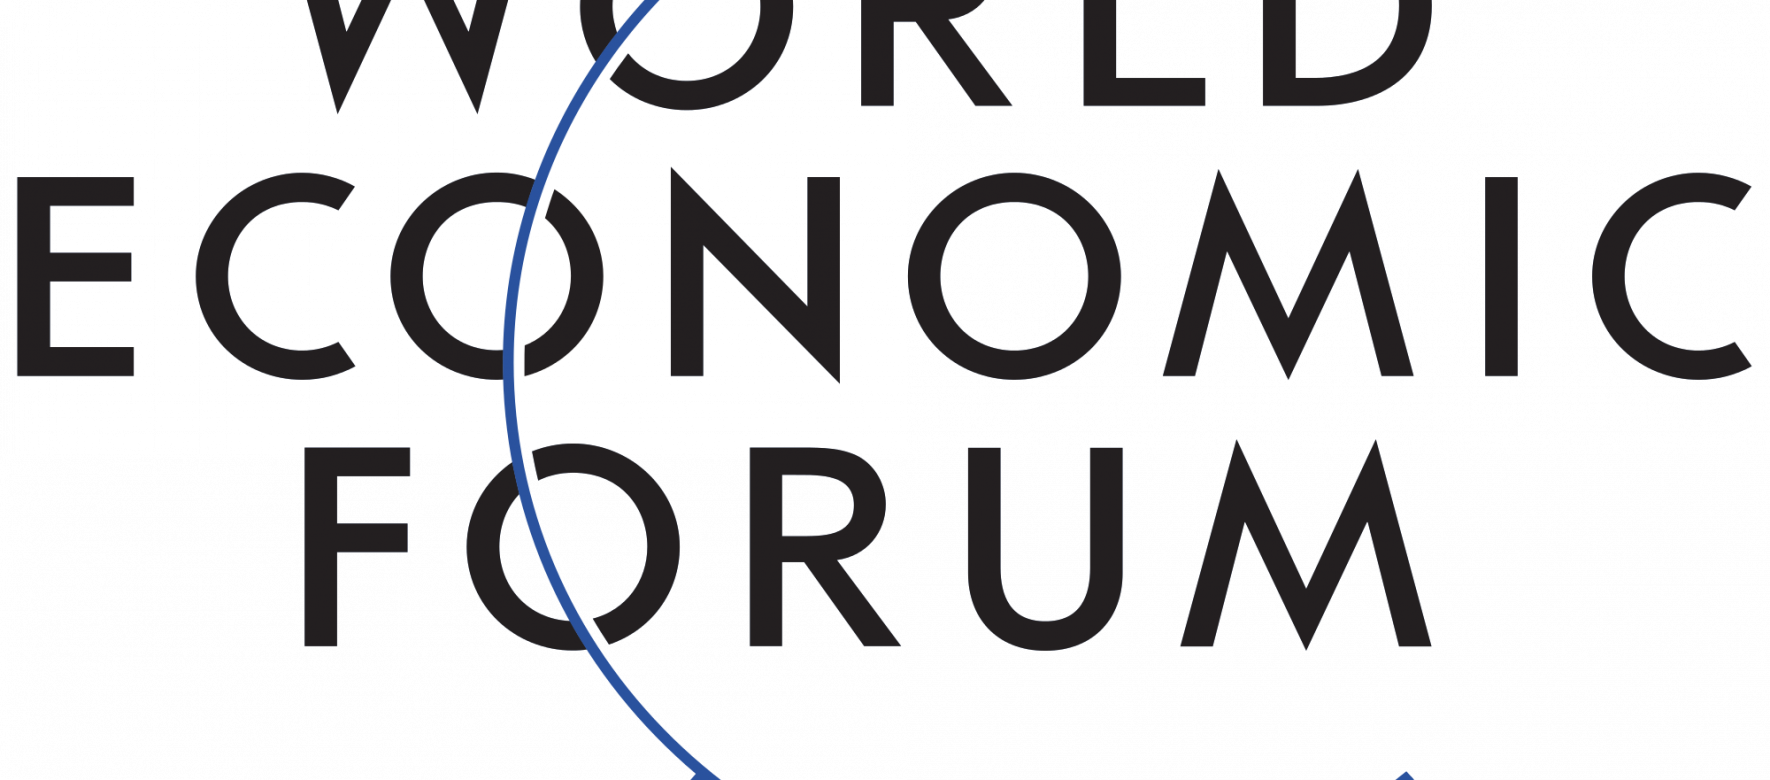 Innovation numérique : l'Algérie gagne 3 petites places dans le classement mondial